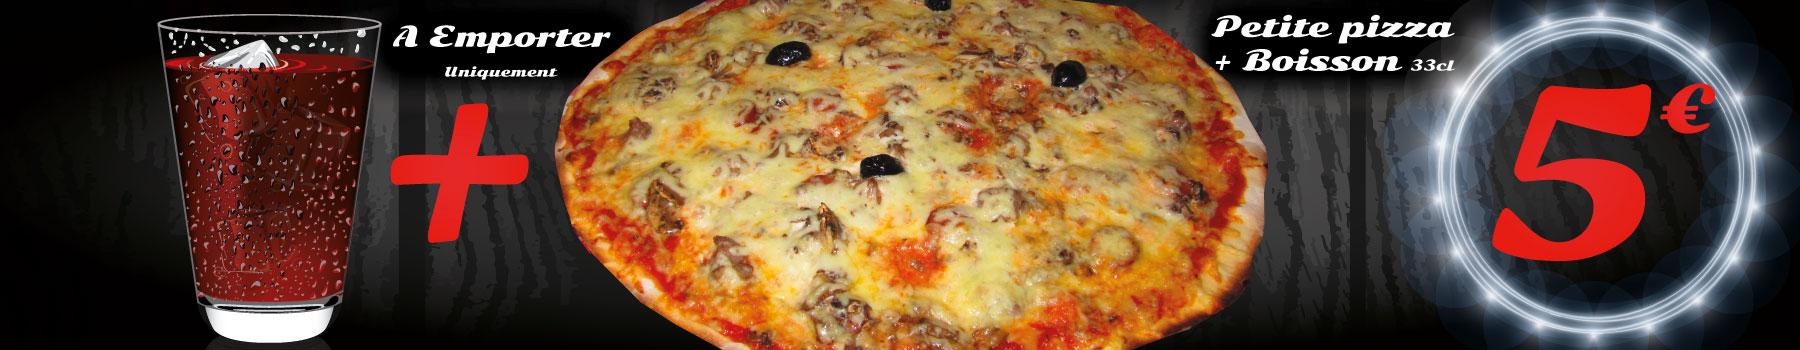 Pizza Roll Avignon Livraison A Domicile Pizzeria Emporter